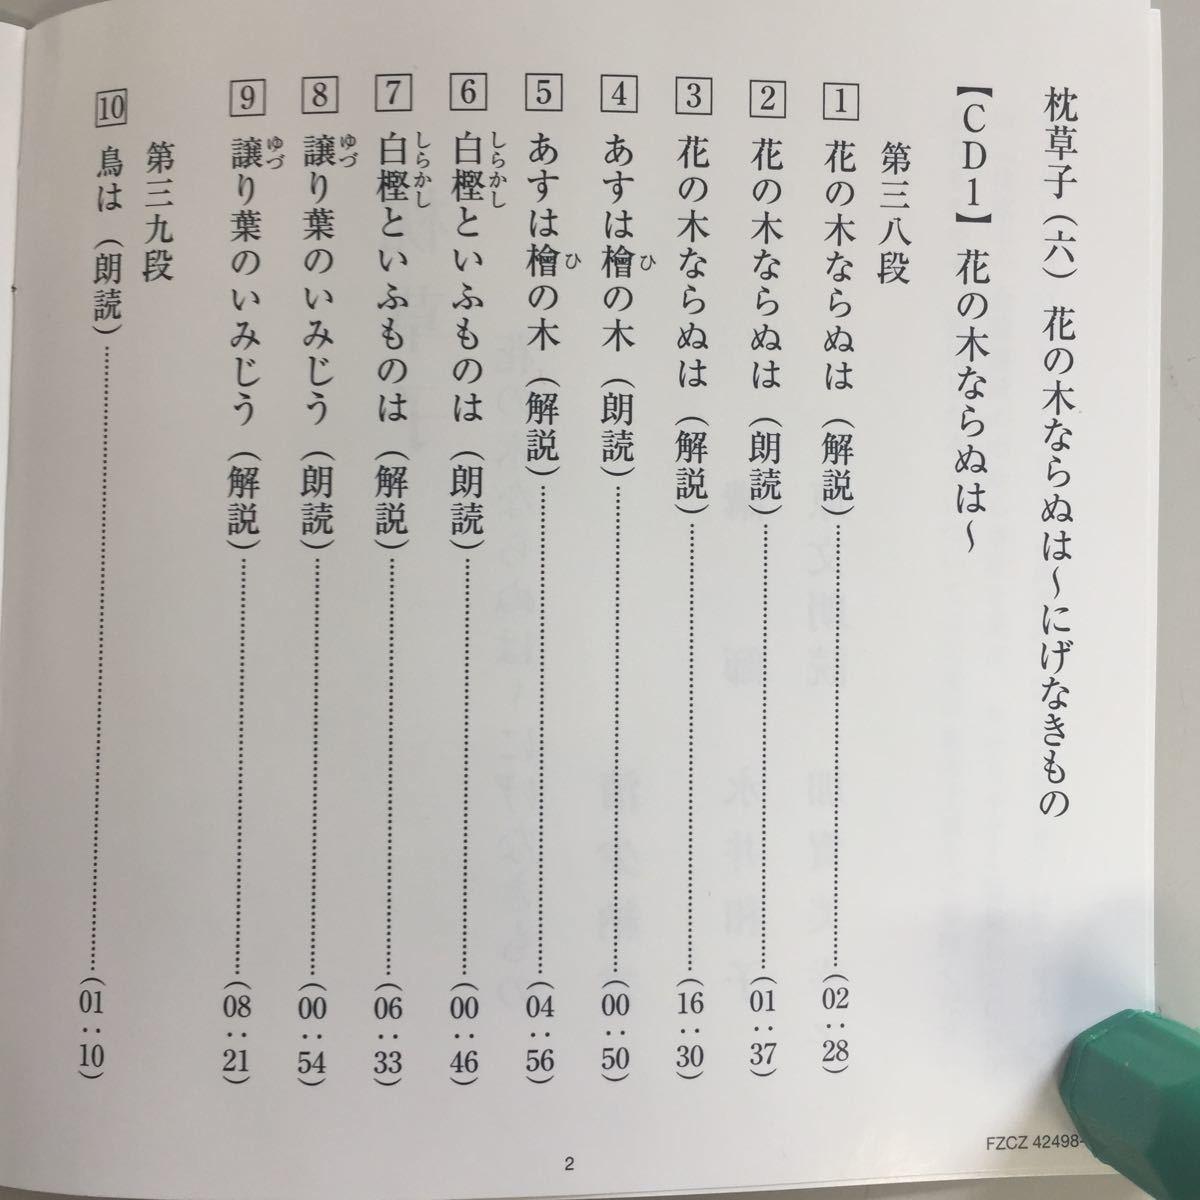 枕草子CD 春の木ならぬは にげなきもの 清少納言 二枚組_画像5